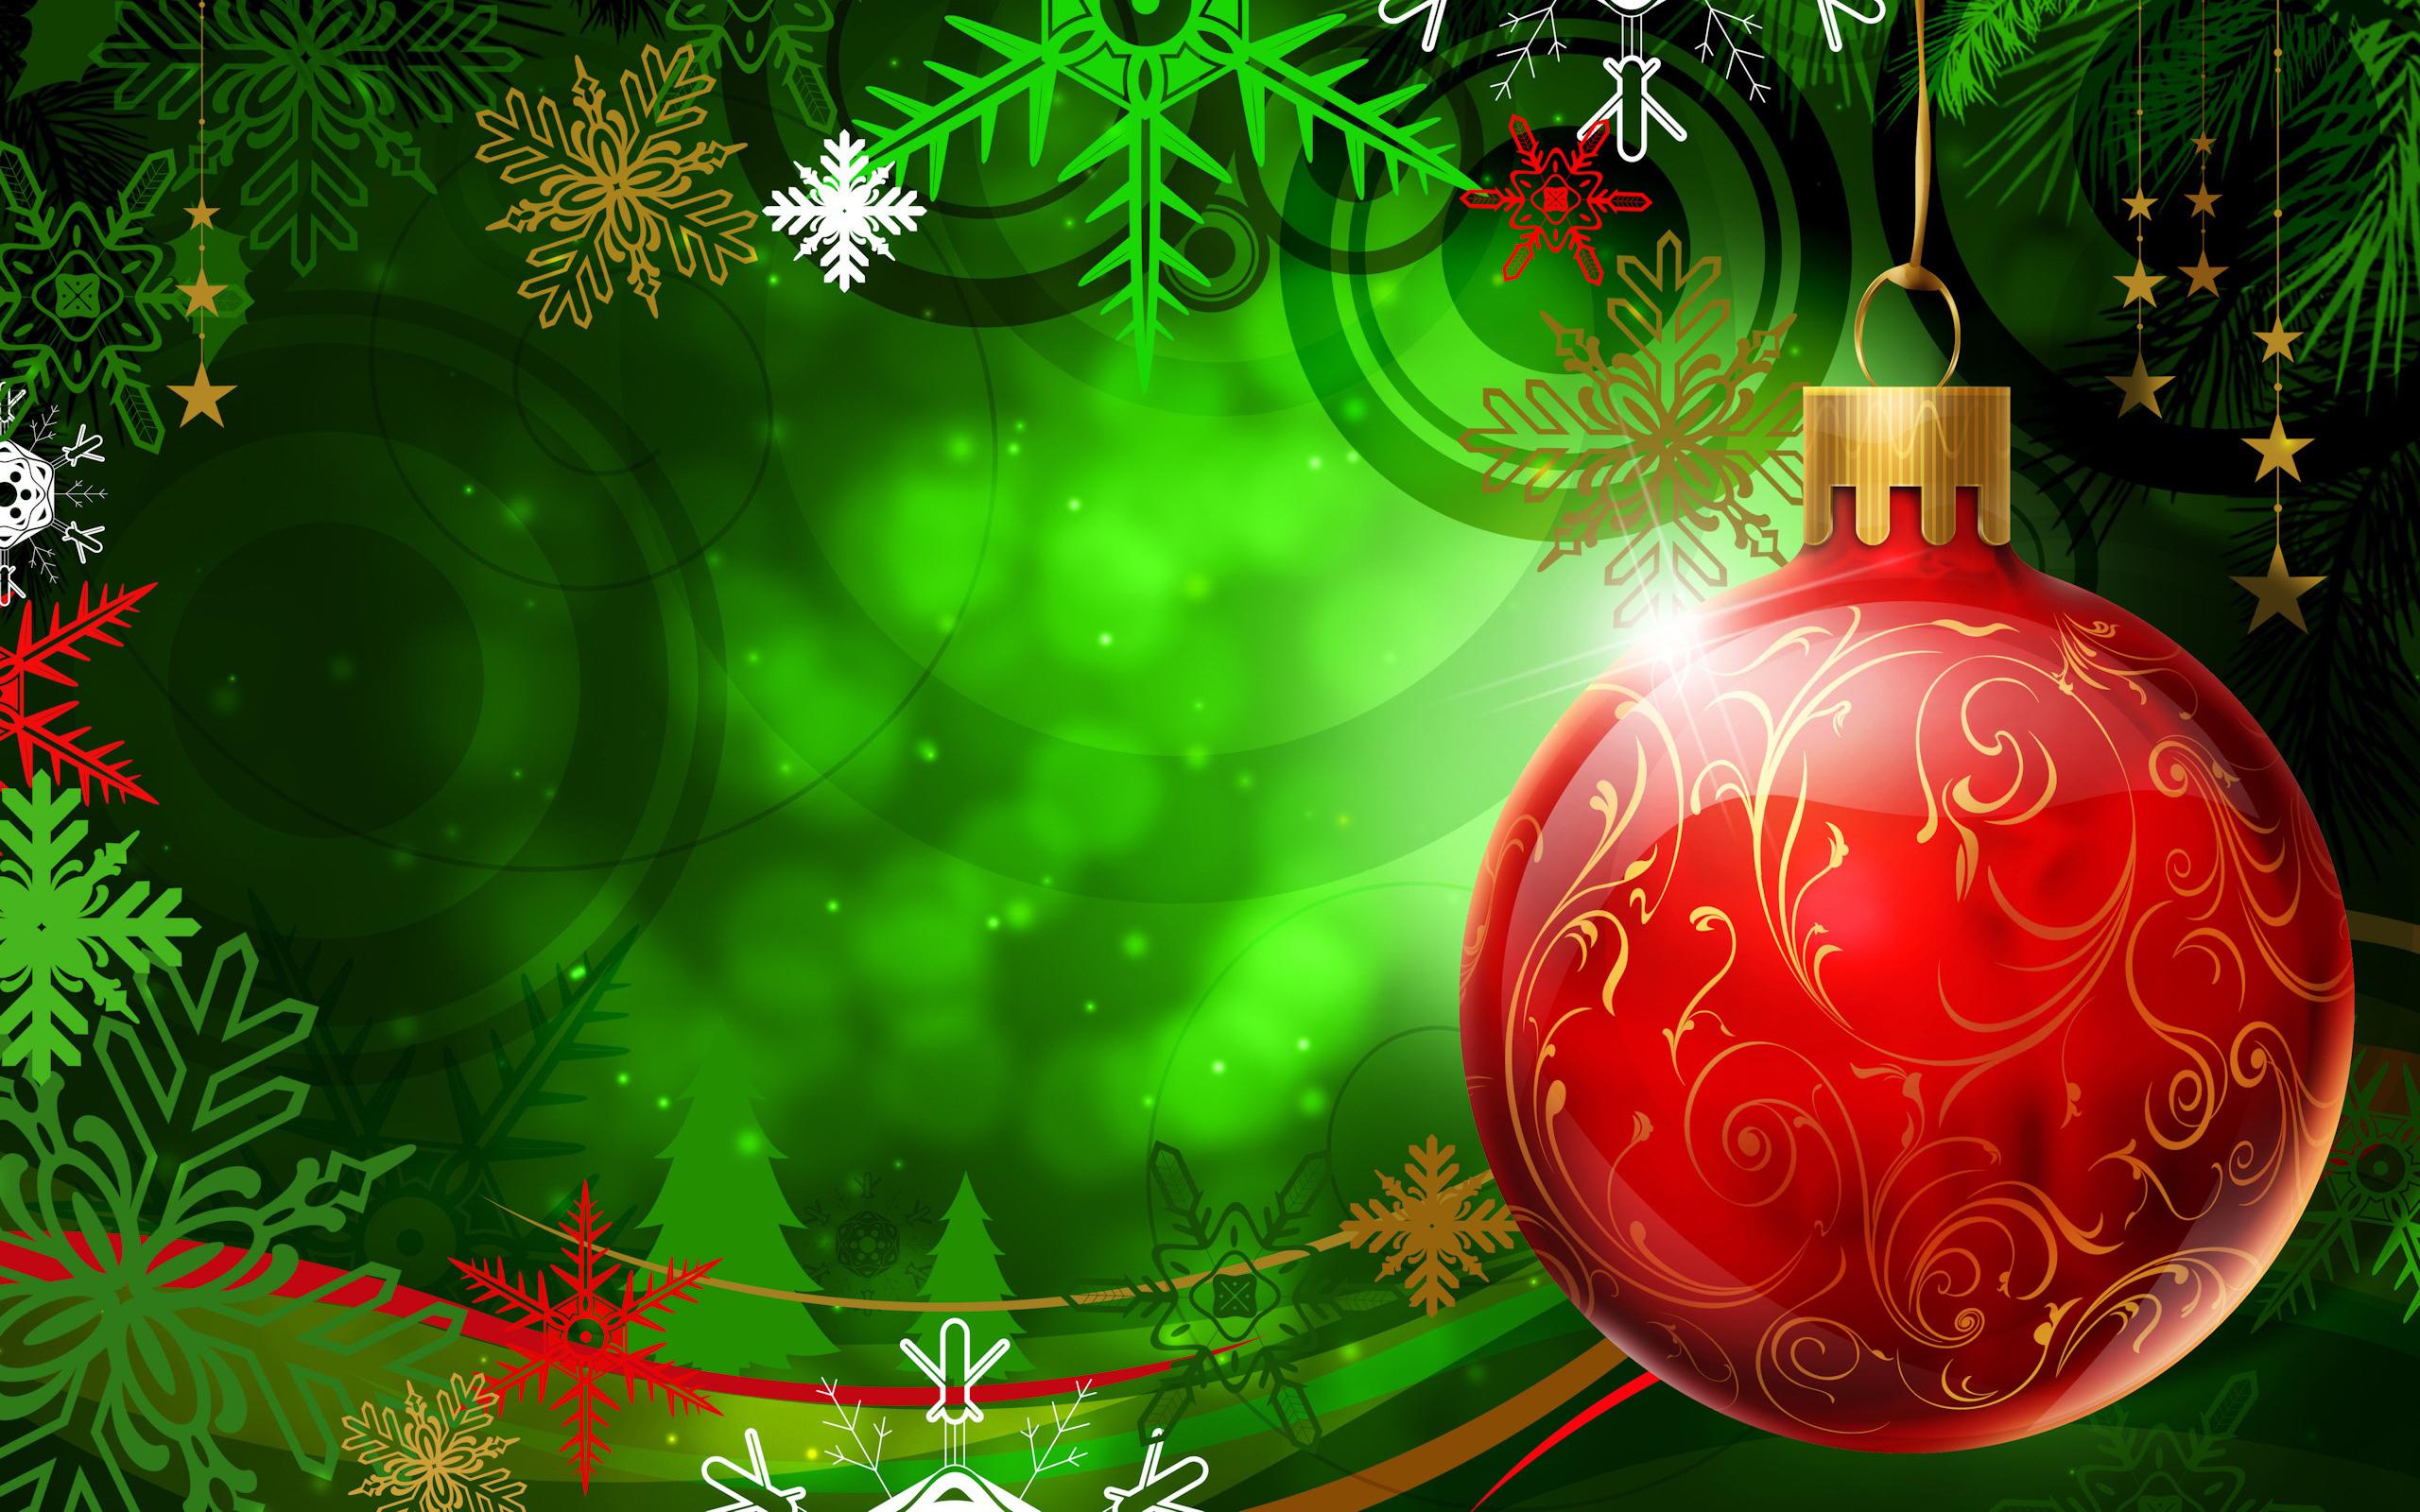 Нажмите на картинку, чтобы увеличить ...: www.rabstol.net/oboi/new_year/6559-novyy-god.html